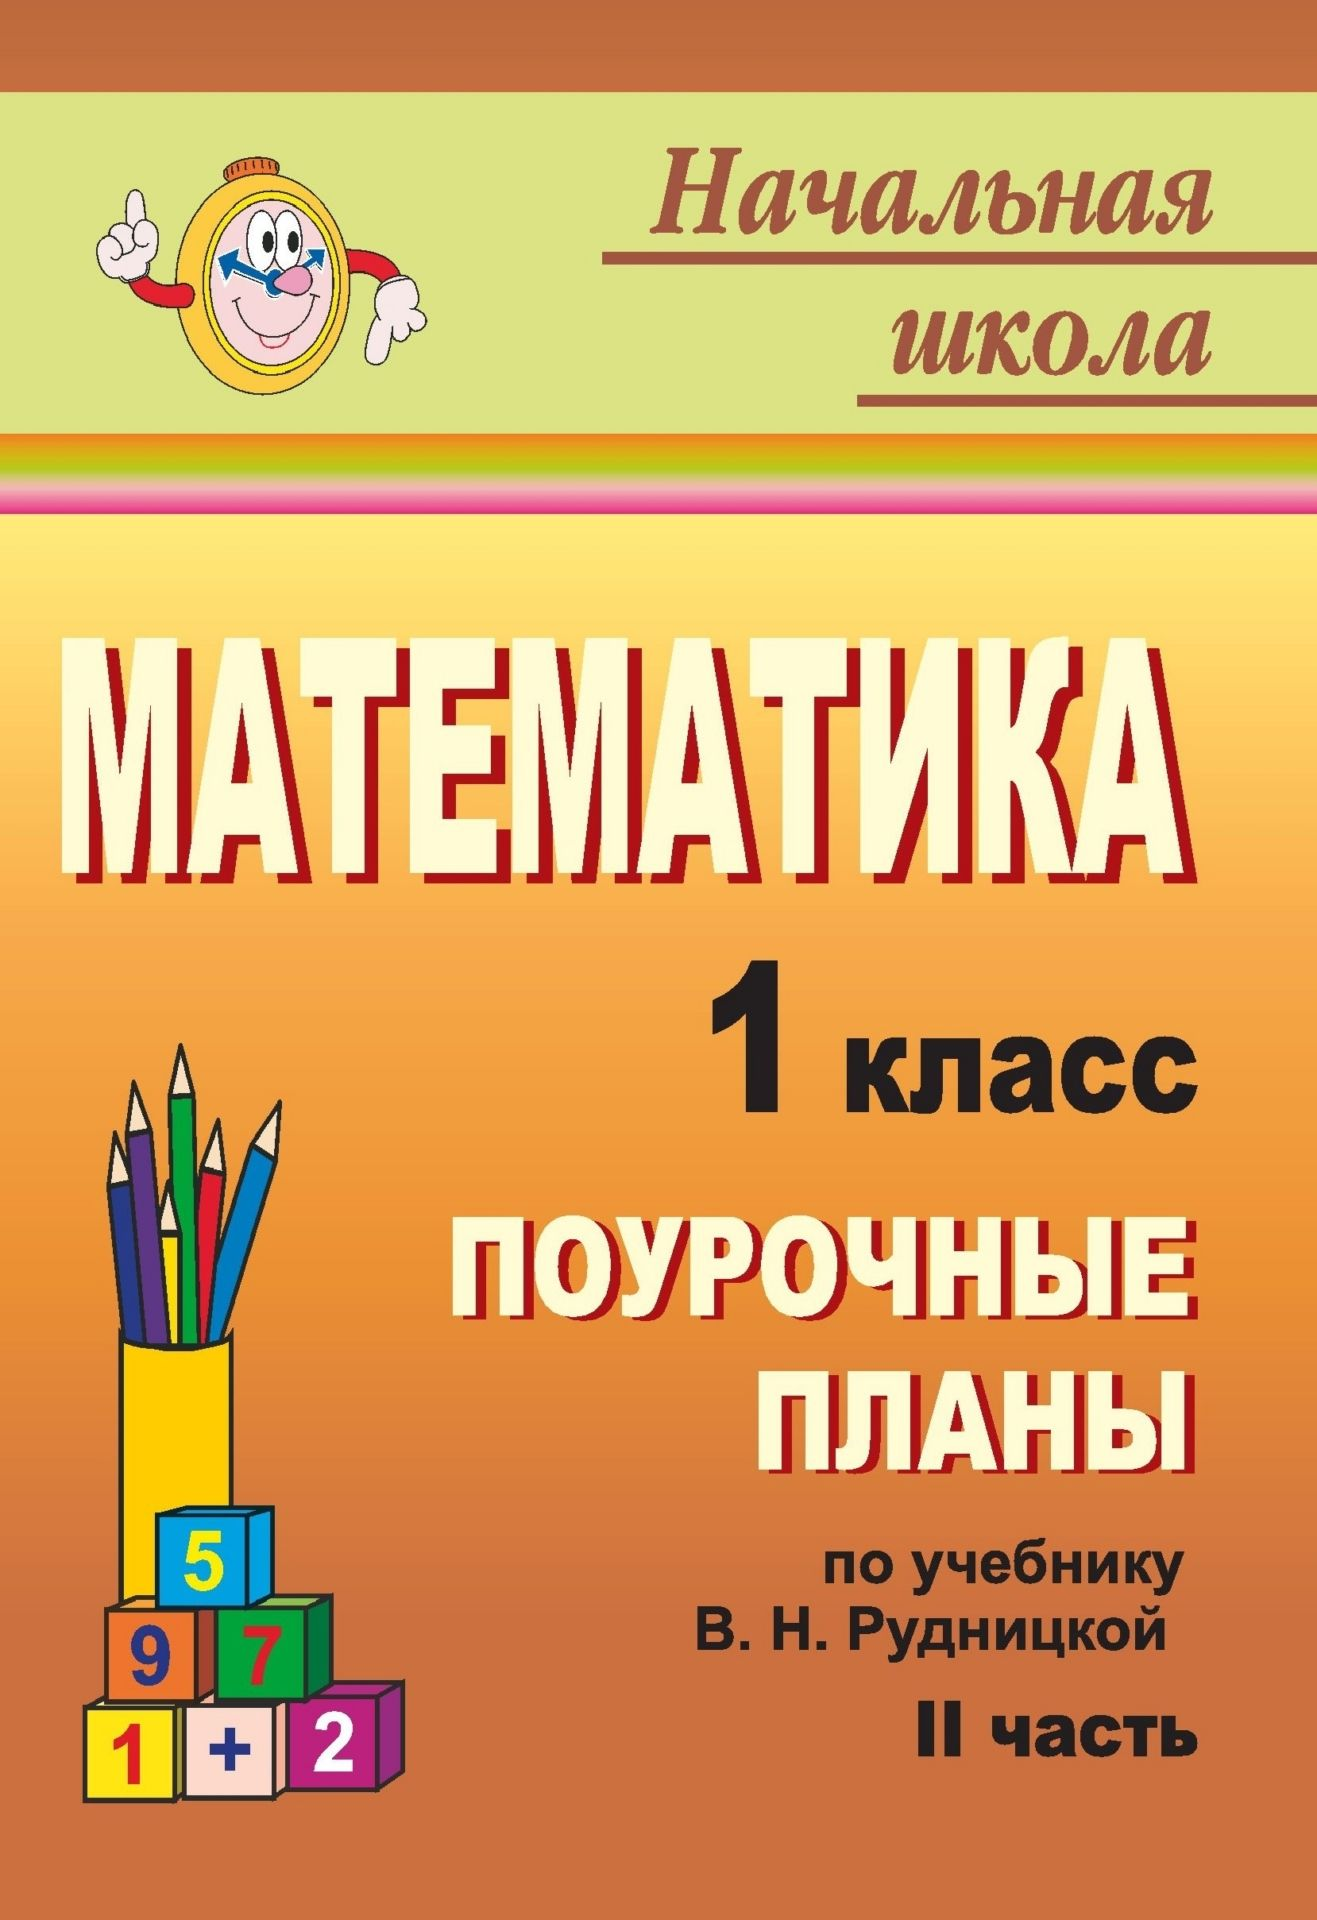 Математика. 1 класс: поурочные планы по учебнику В. Н. Рудницкой. Ч. IIПредметы<br>В пособии представлены поурочные разработки по математике для 1 класса, составленные по программе Начальная школа XXI века в соответствии с учебником: Рудницкая В. Н. Математика. 1 класс: учебник для учащихся общеобразовательных учреждений: в 2 ч. Ч. II...<br><br>Авторы: др., Королева Л. Ф.<br>Год: 2010<br>Серия: Начальная школа<br>ISBN: 978-5-7057-2198-6<br>Высота: 200<br>Ширина: 140<br>Толщина: 7<br>Переплёт: мягкая, склейка